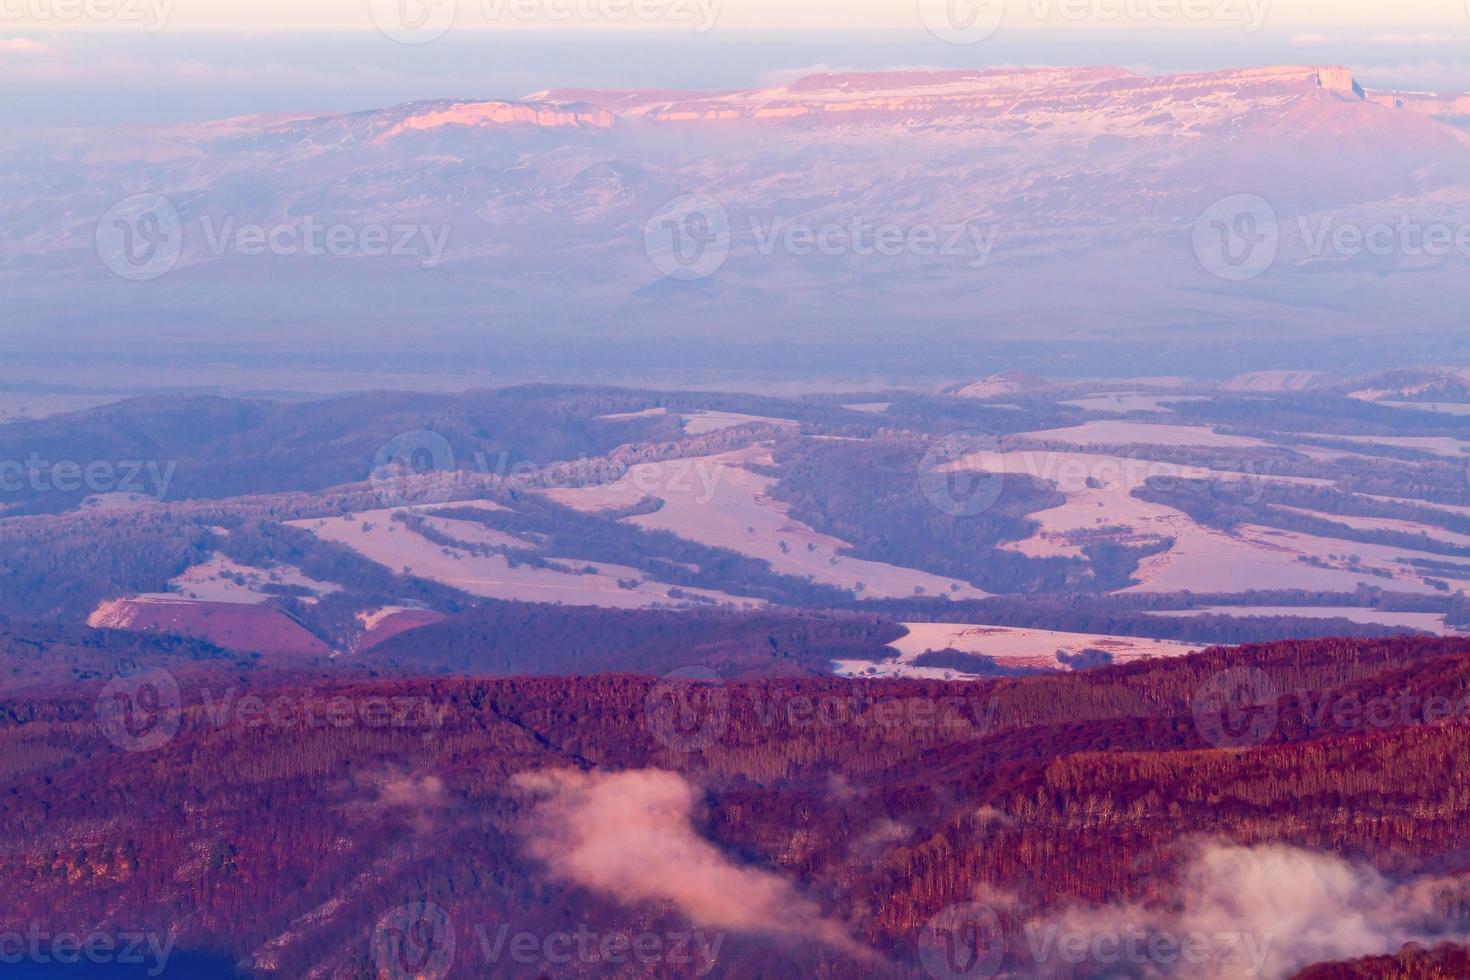 montañas vista aérea foto